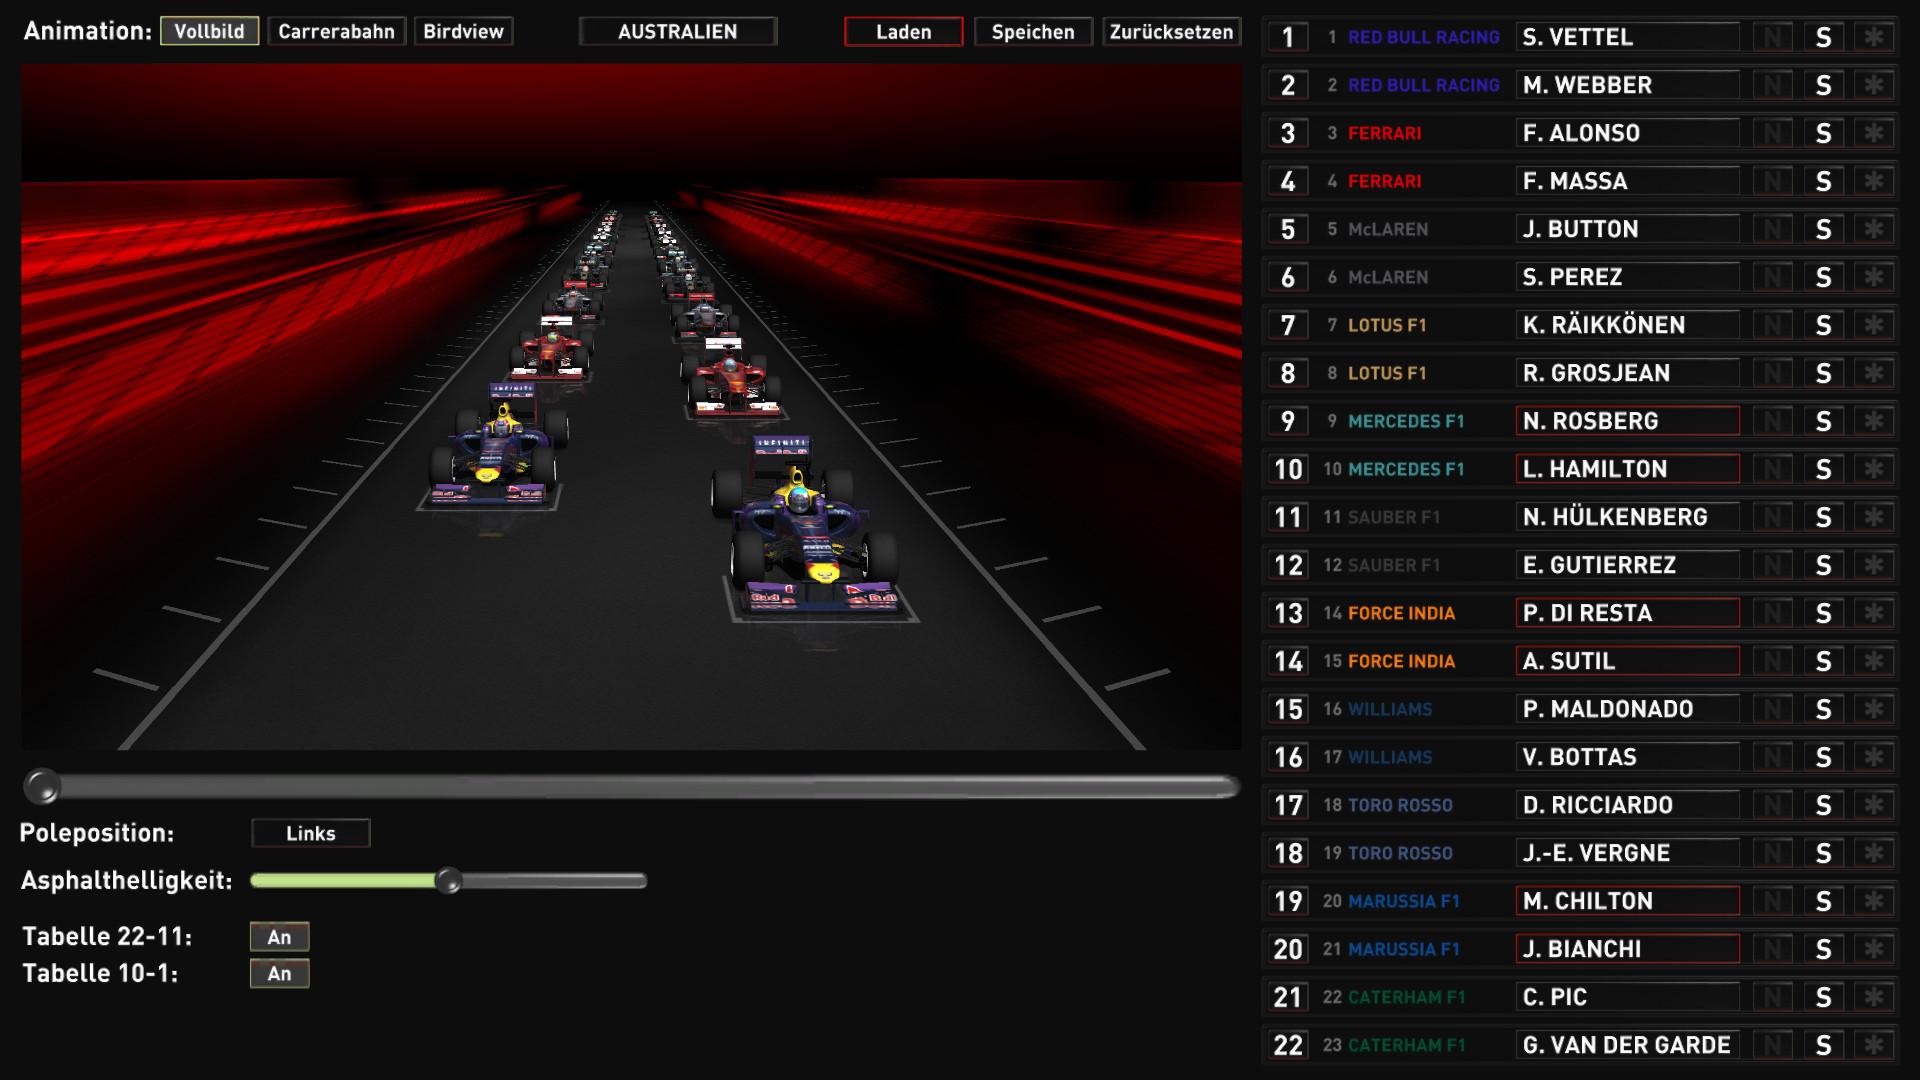 Formel 1 Startaufstellung Morgen